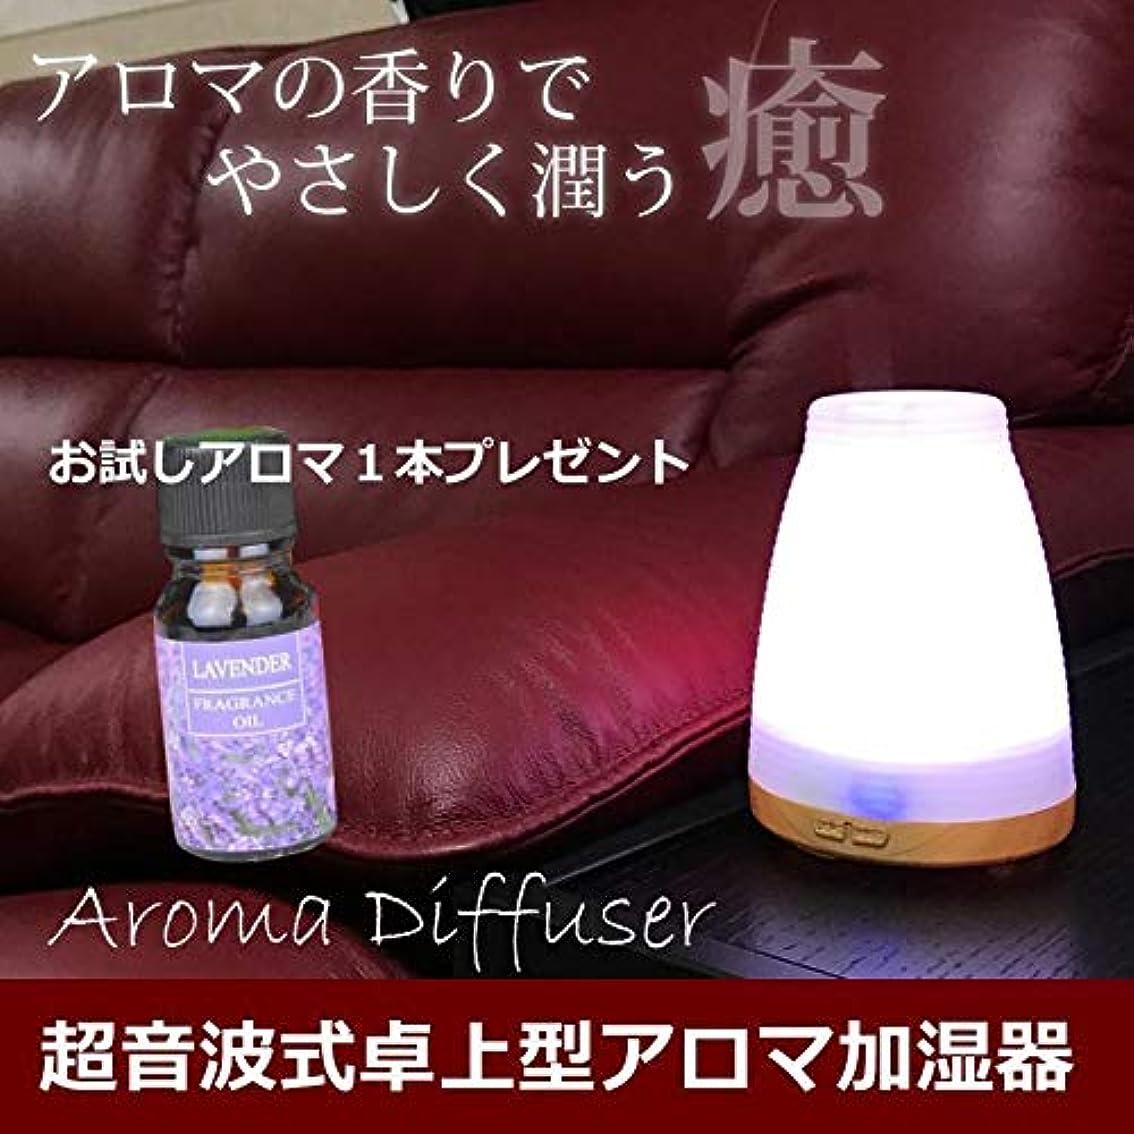 署名洗剤ワゴン超音波 アロマディフューザー アロマ オイル アロマポット アロマランプ ガラス 超音波 アロマオイル アロマ加湿器 加湿器